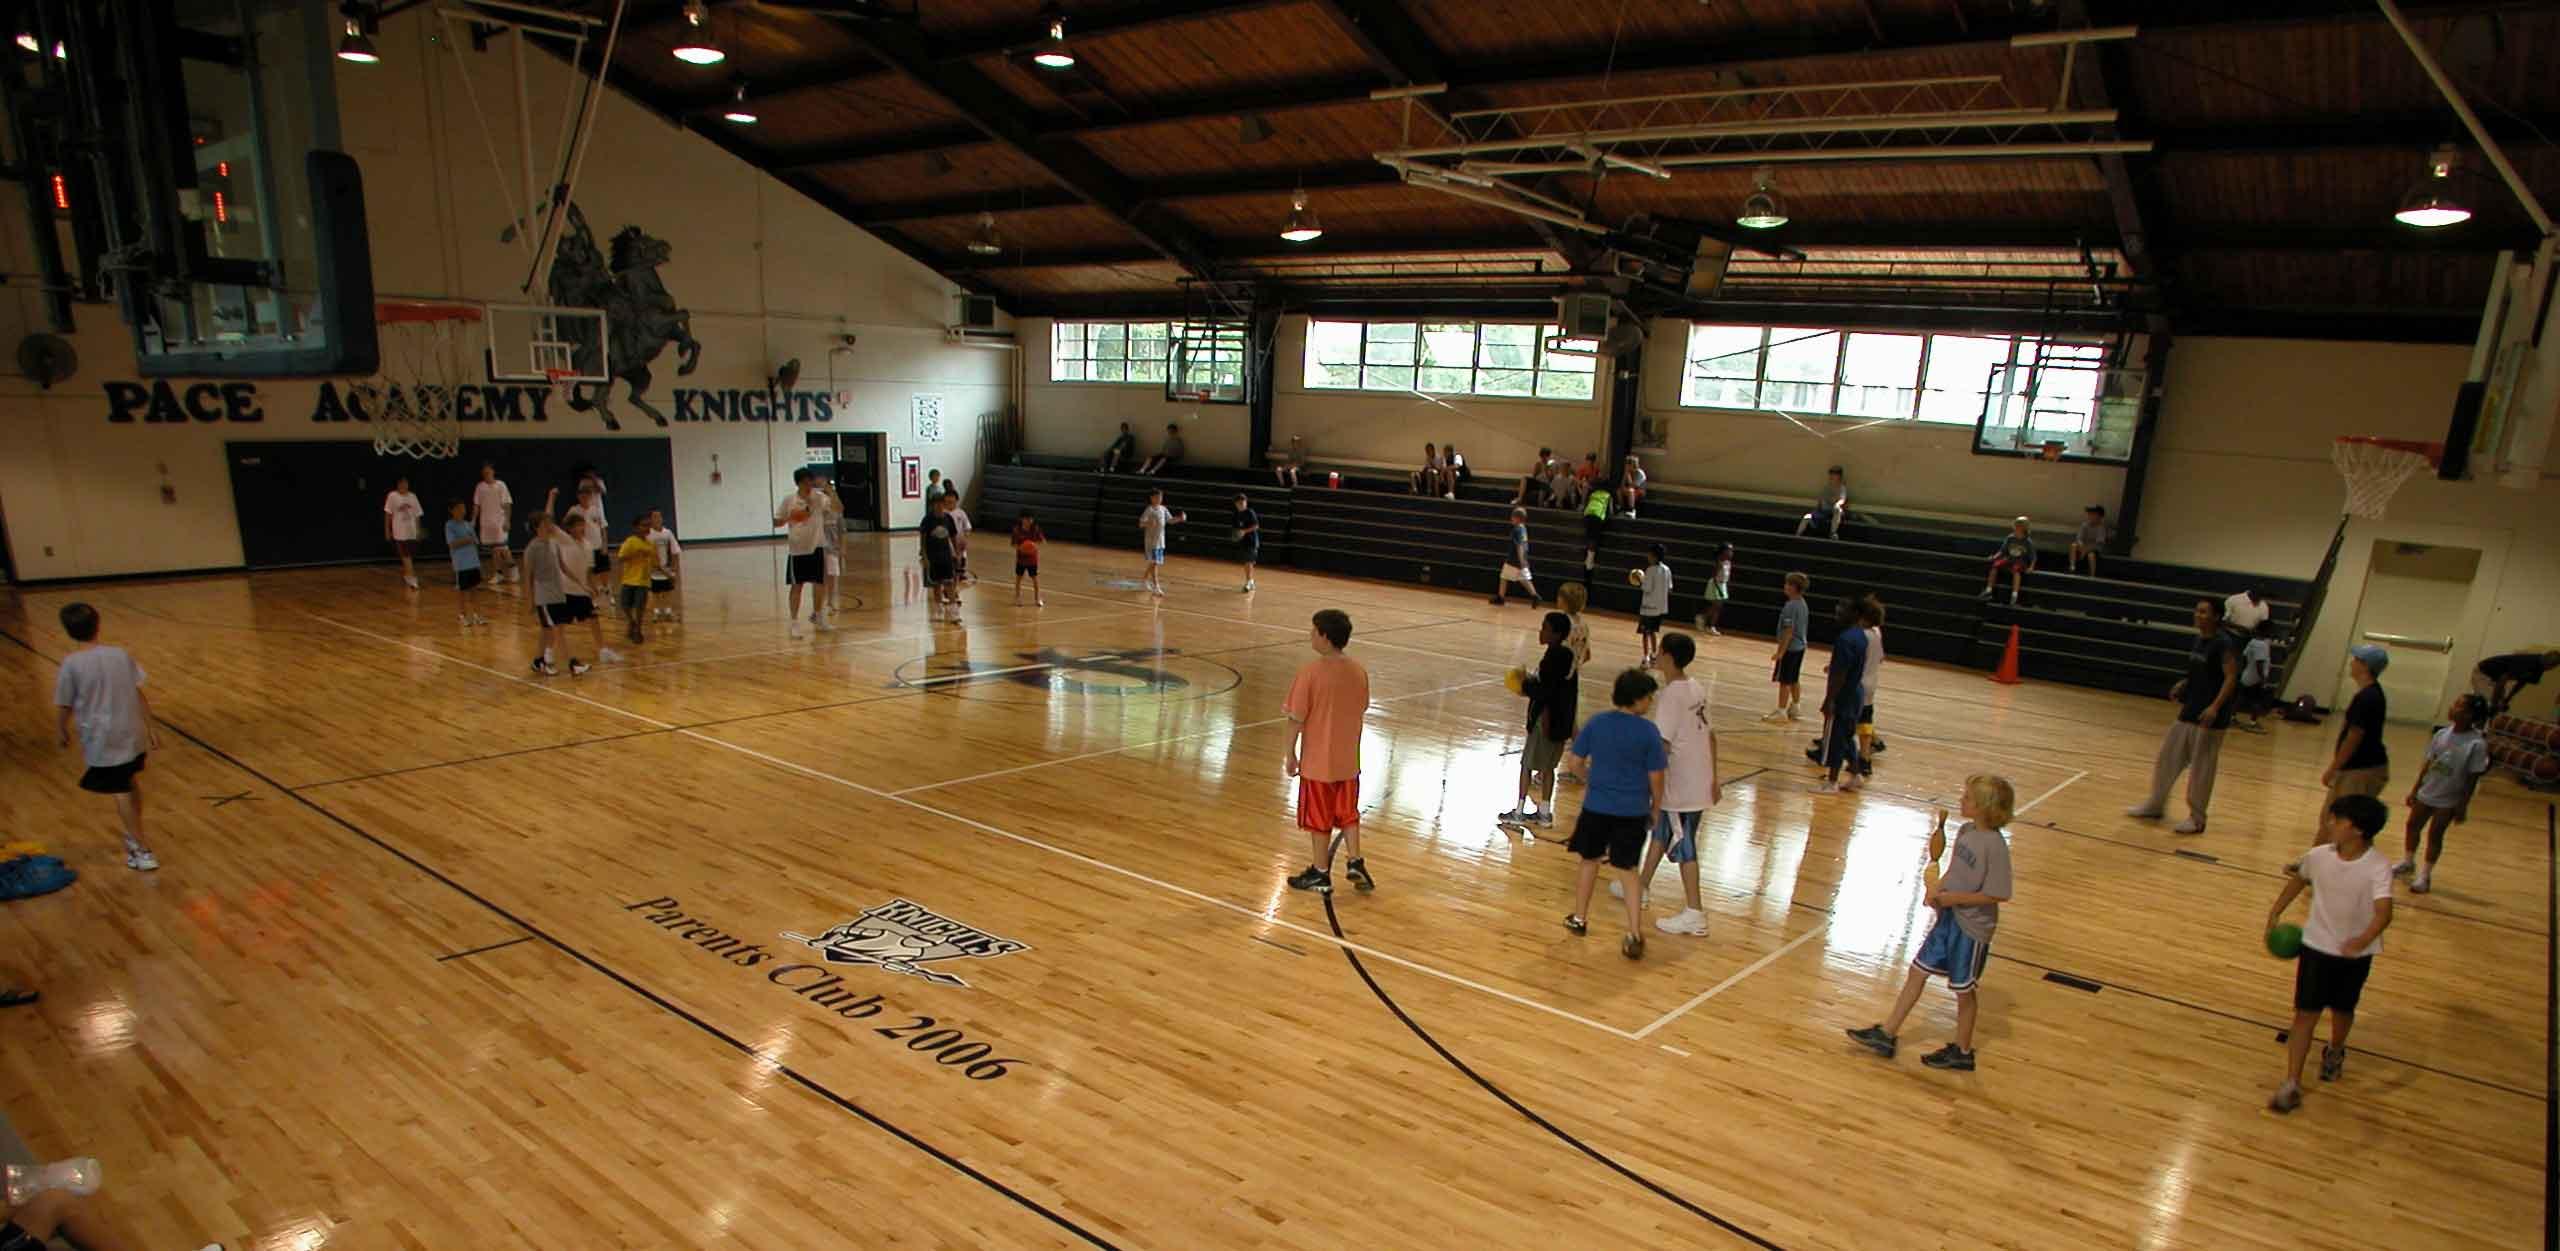 Pace_Academy_Boyd_Gym